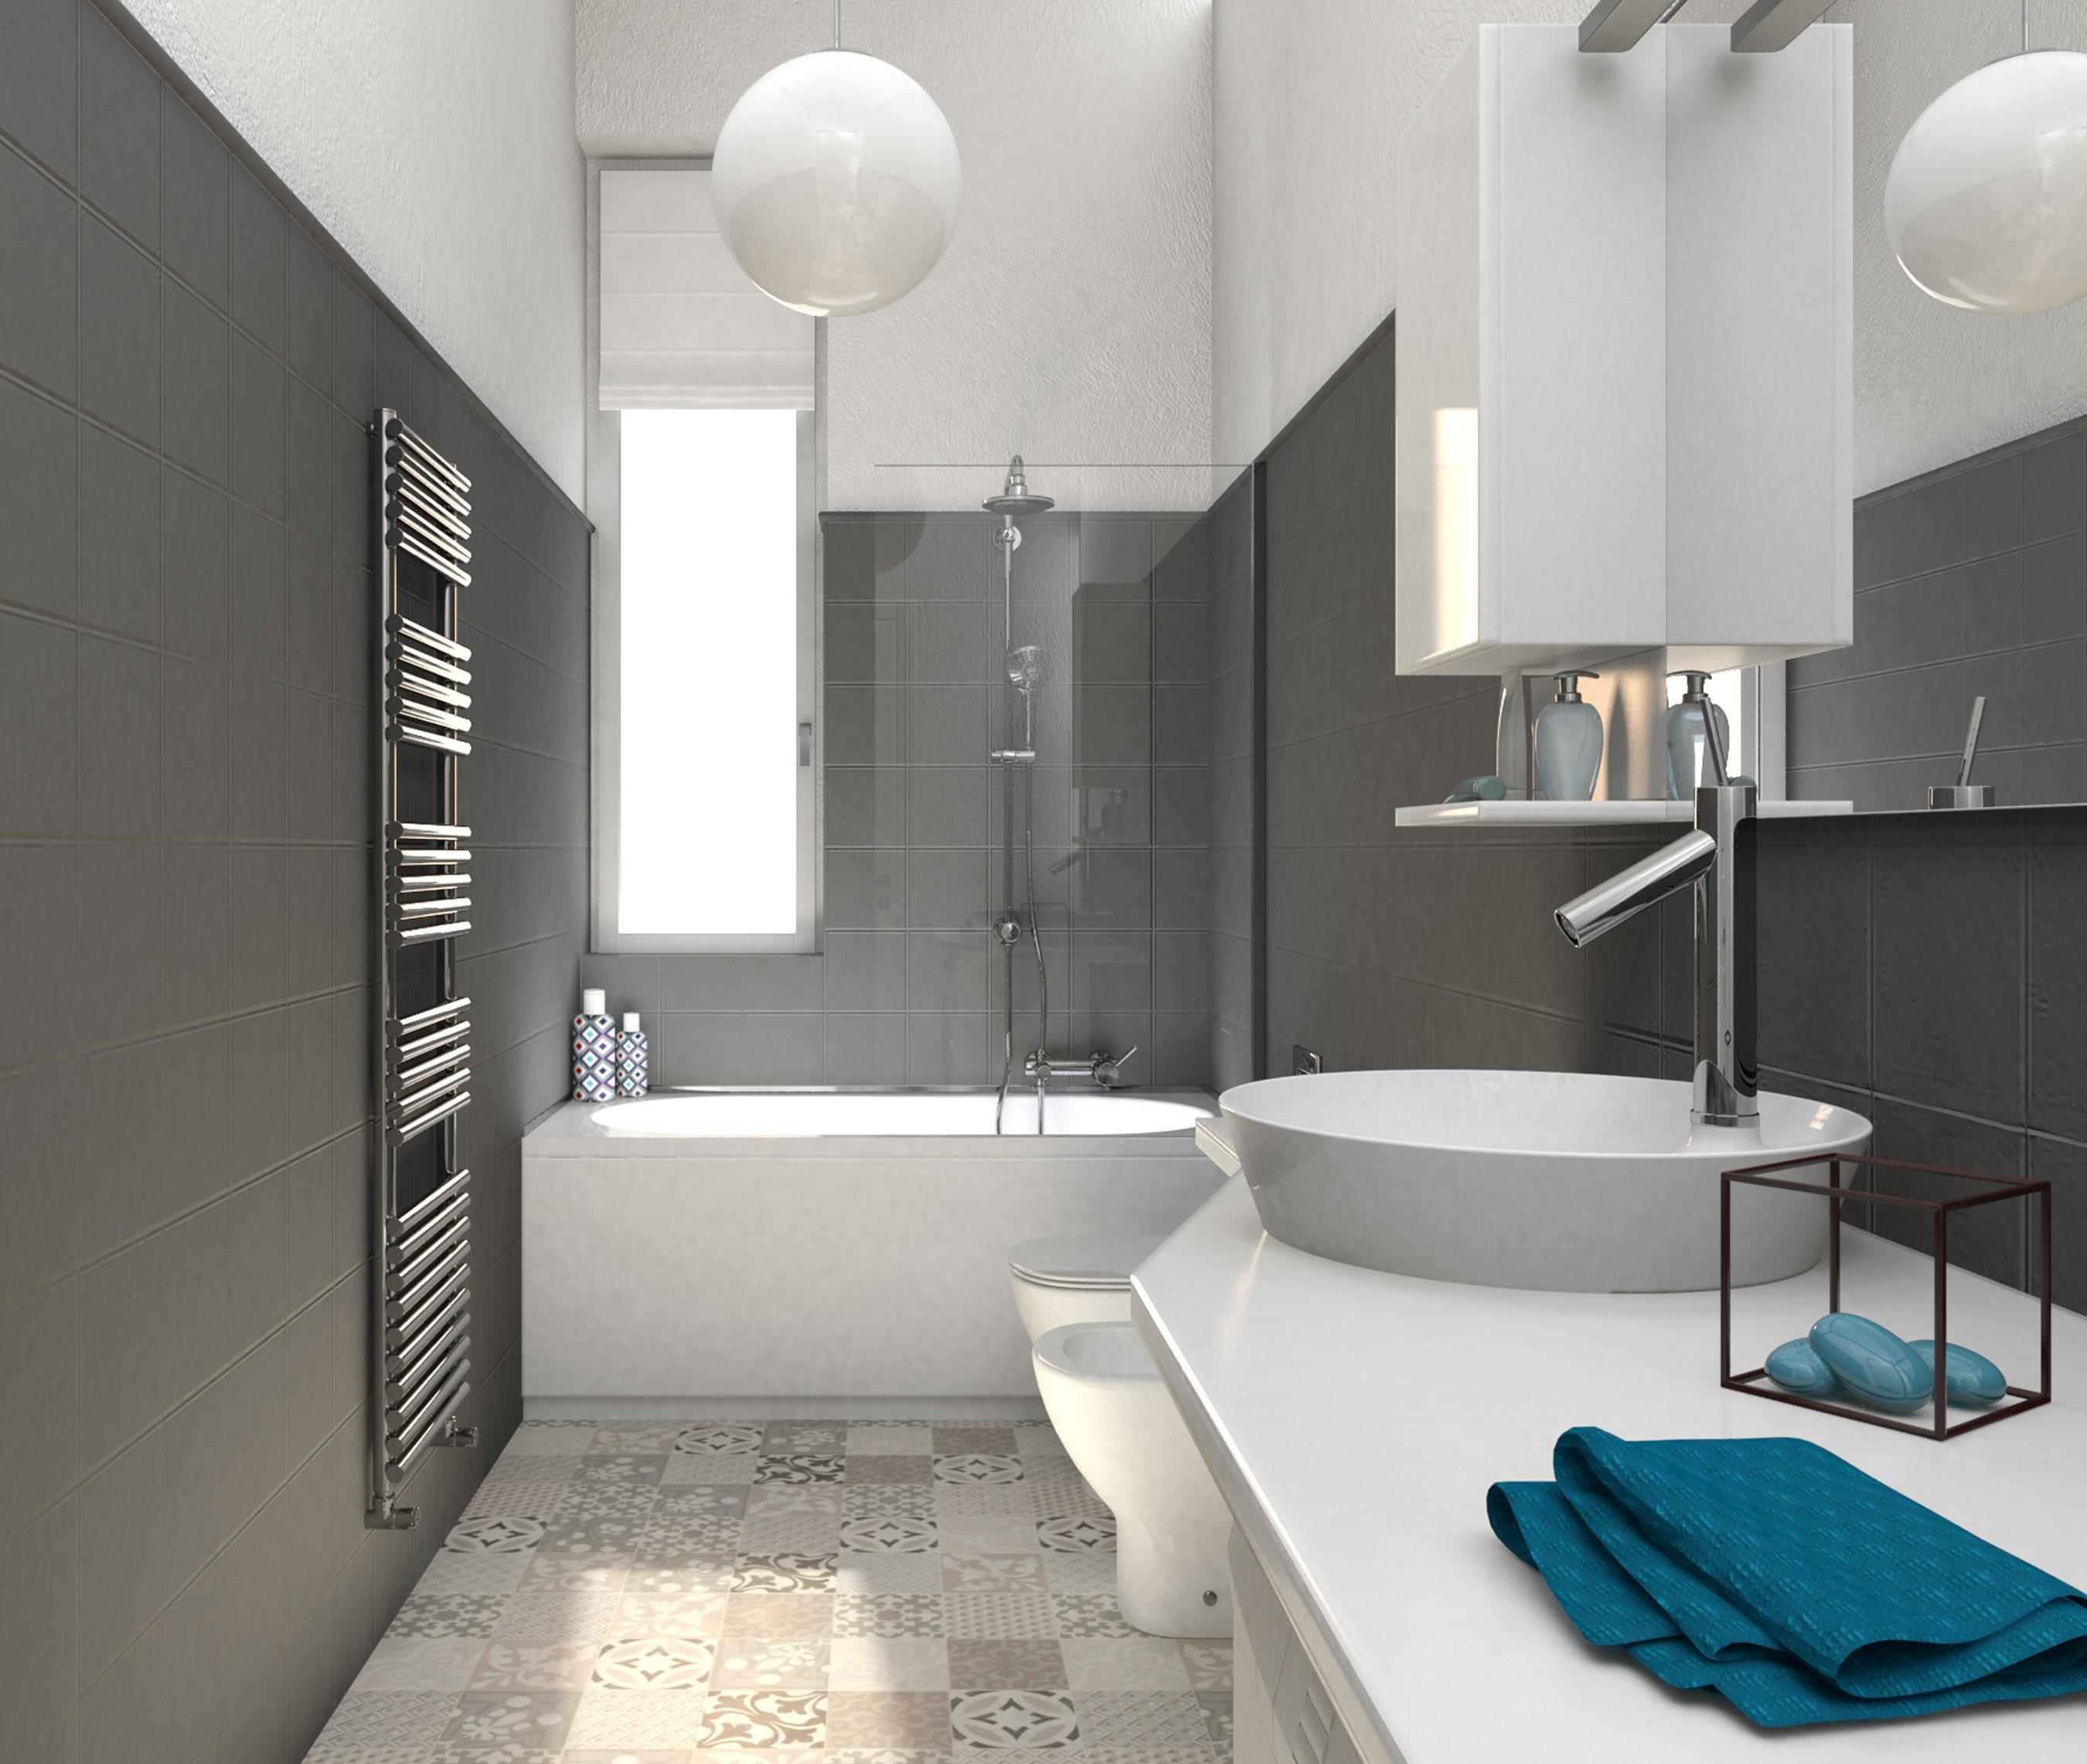 Relooking un progetto da copiare per rinnovare il bagno cose di casa - Bagno di casa ...